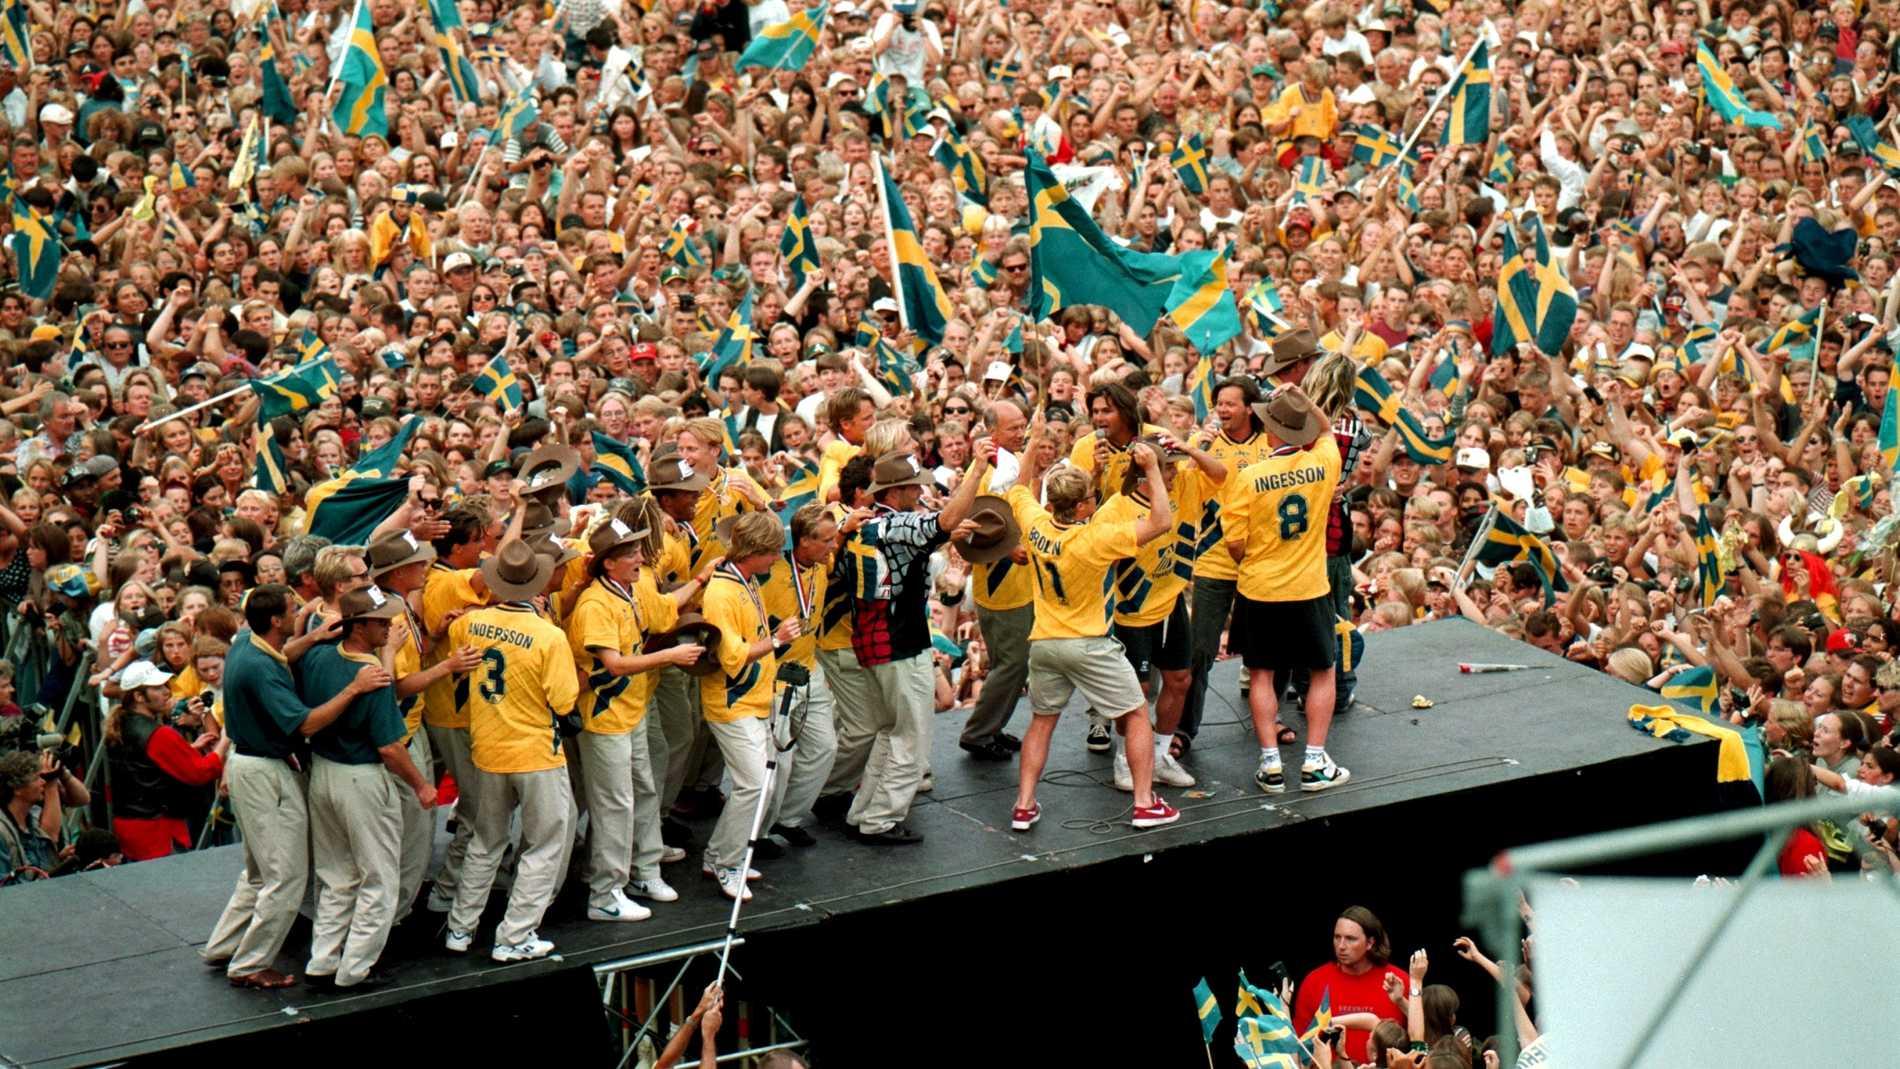 Svenska fotbollslandslaget möttes av närmare 60 000 jublande personer i Rålambshovsparken efter hemkomsten från fotbolls-VM i USA.